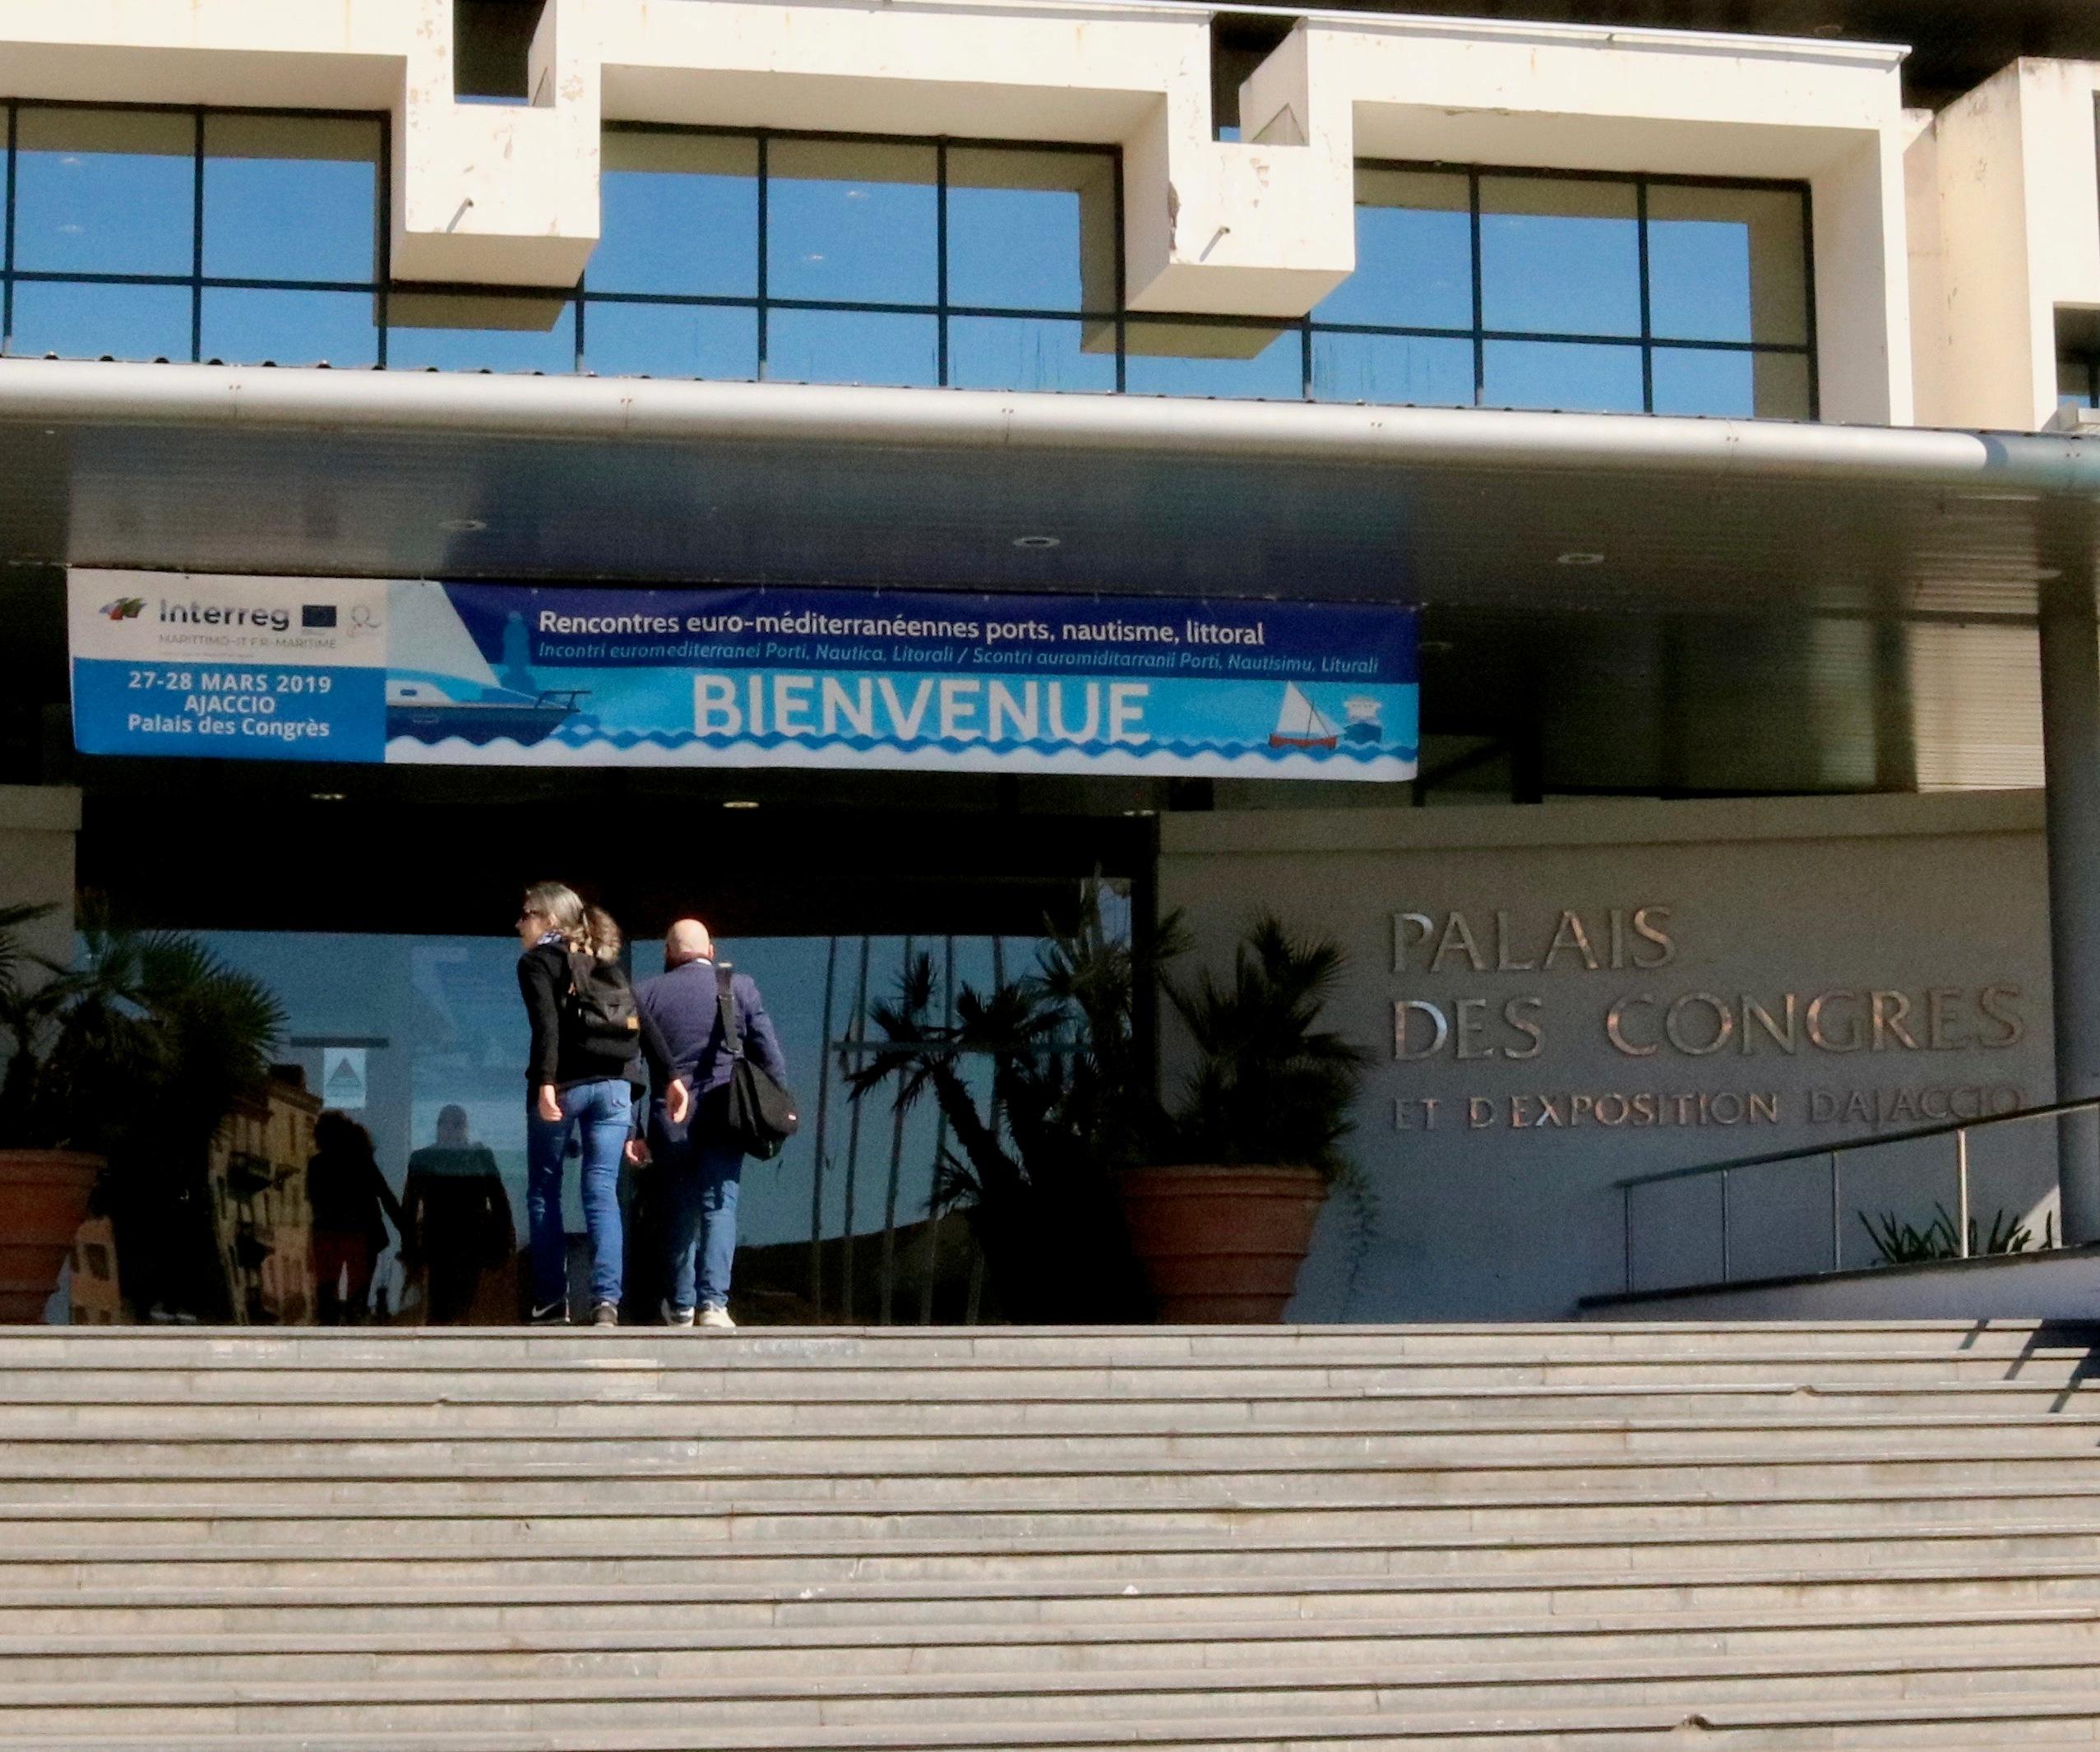 La question des croisières lors des Rencontres euro-méditerranéennes Ports, Nautisme et Littoral